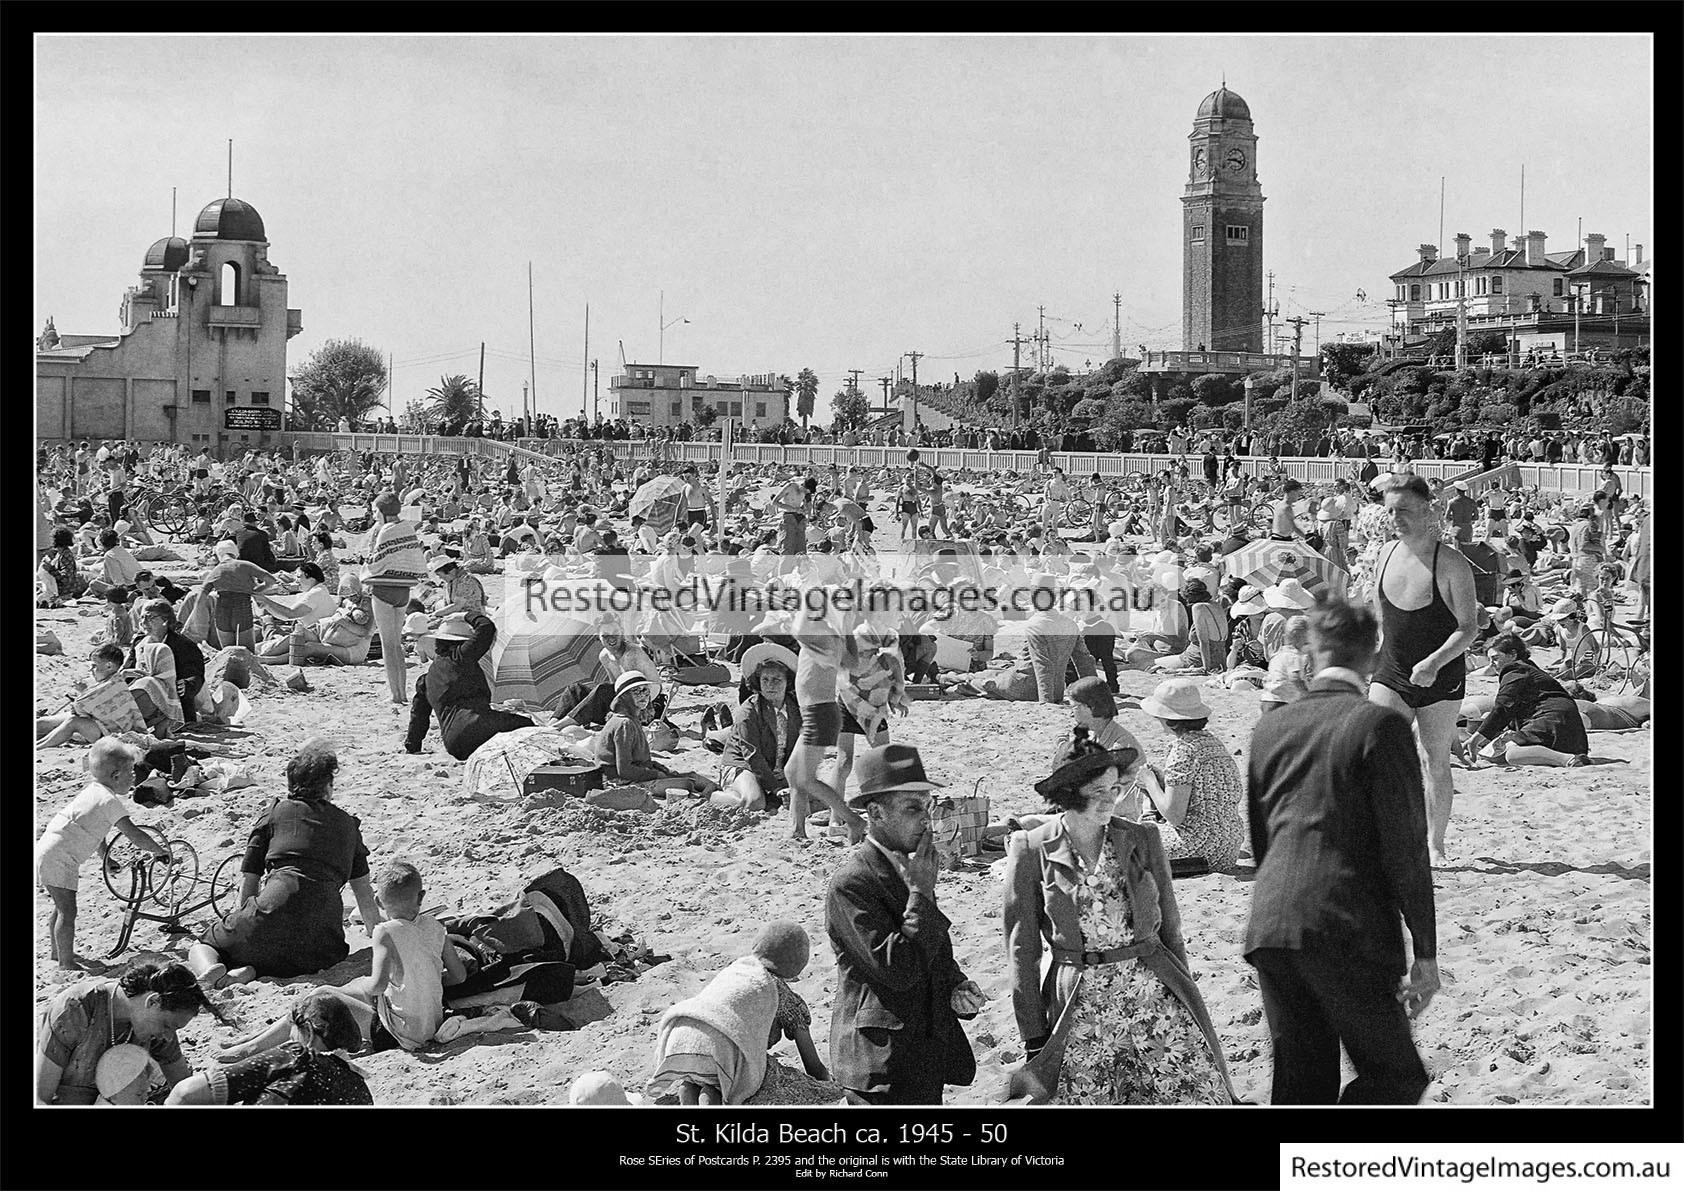 St Kilda Beach Crowds 1945-50